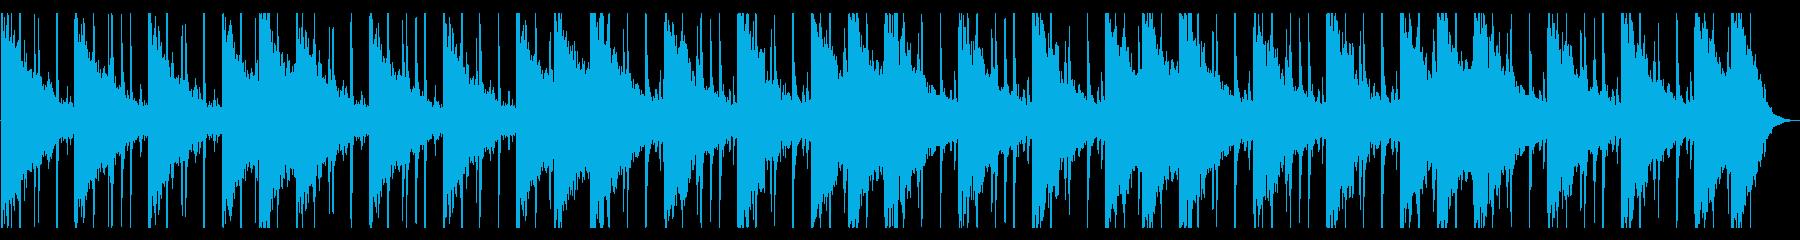 捜索するようなR&B_No616_3の再生済みの波形